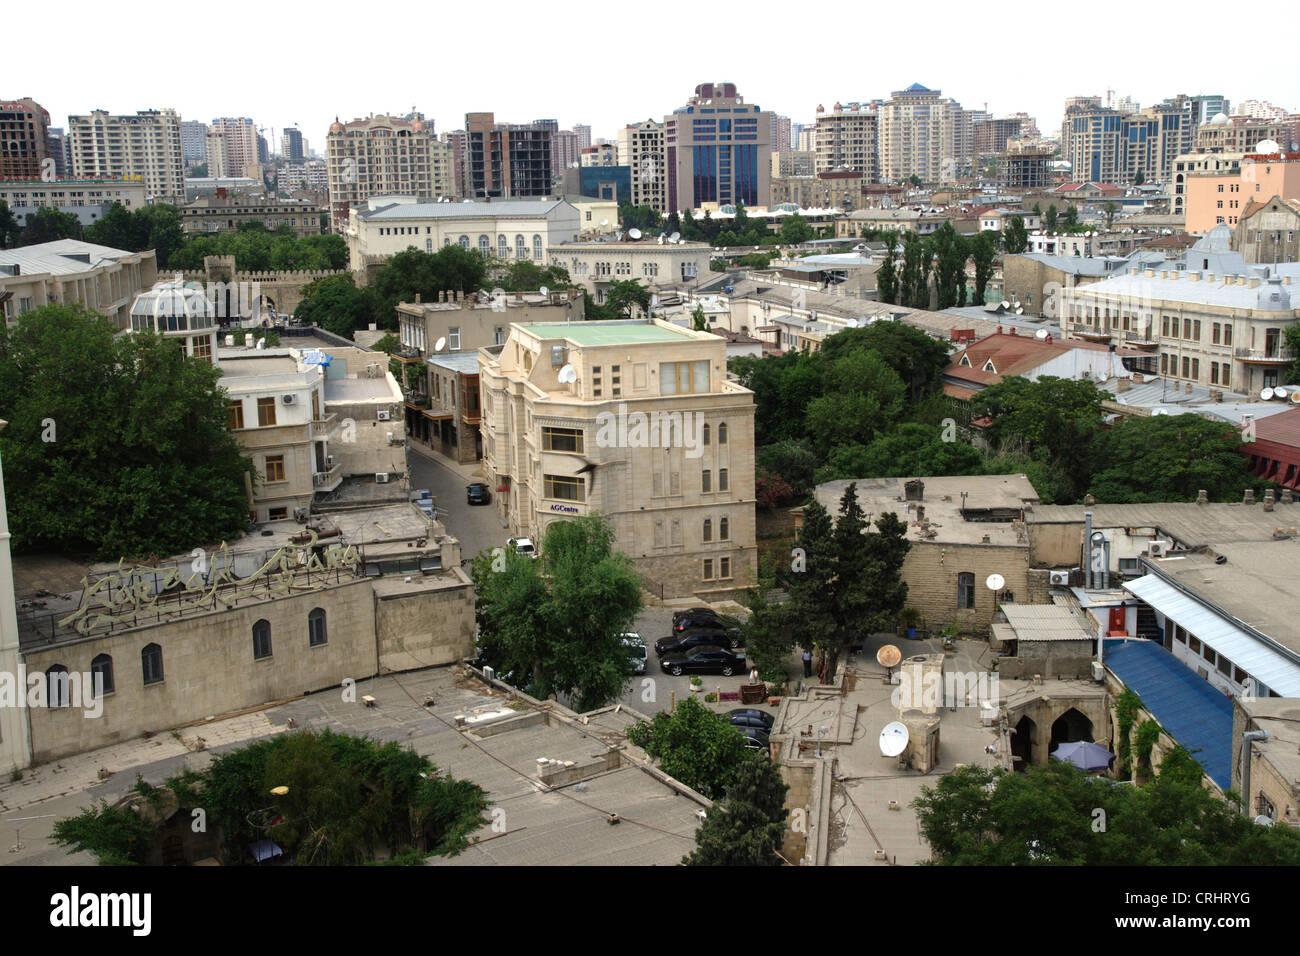 Baku, view on city, Azerbaijan, Baku Stock Photo